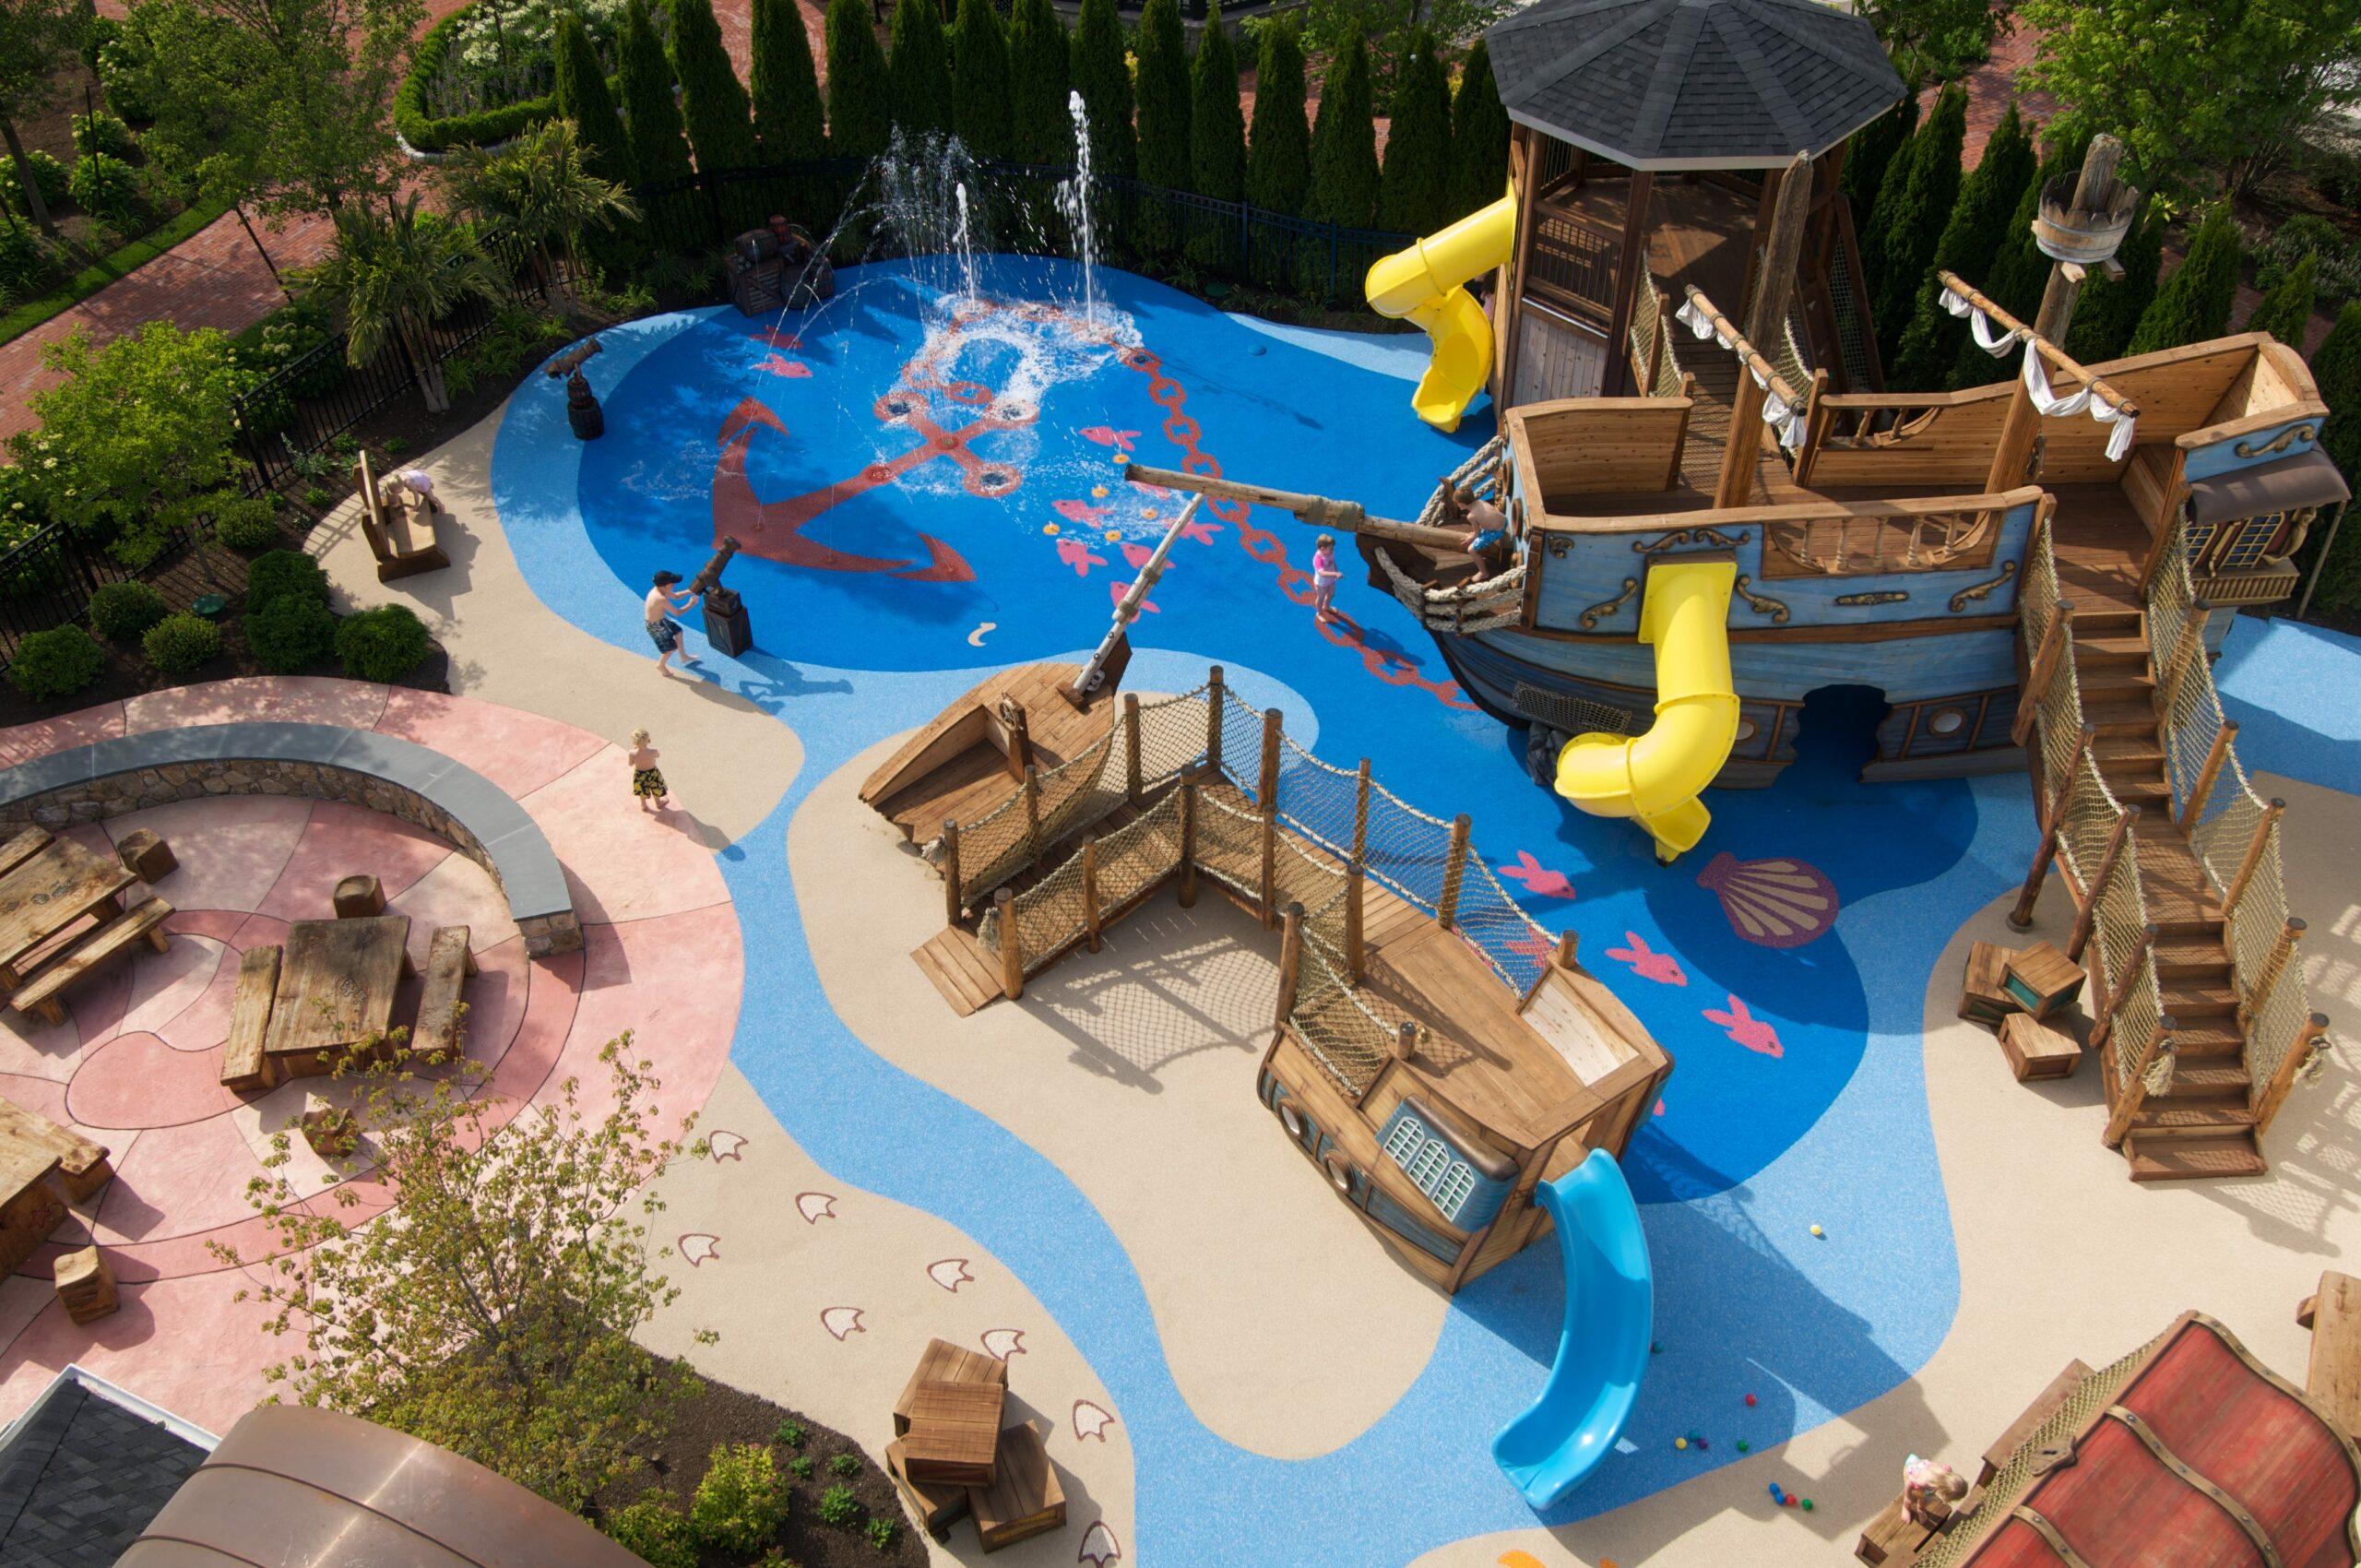 Overview of Wequassett Kids park